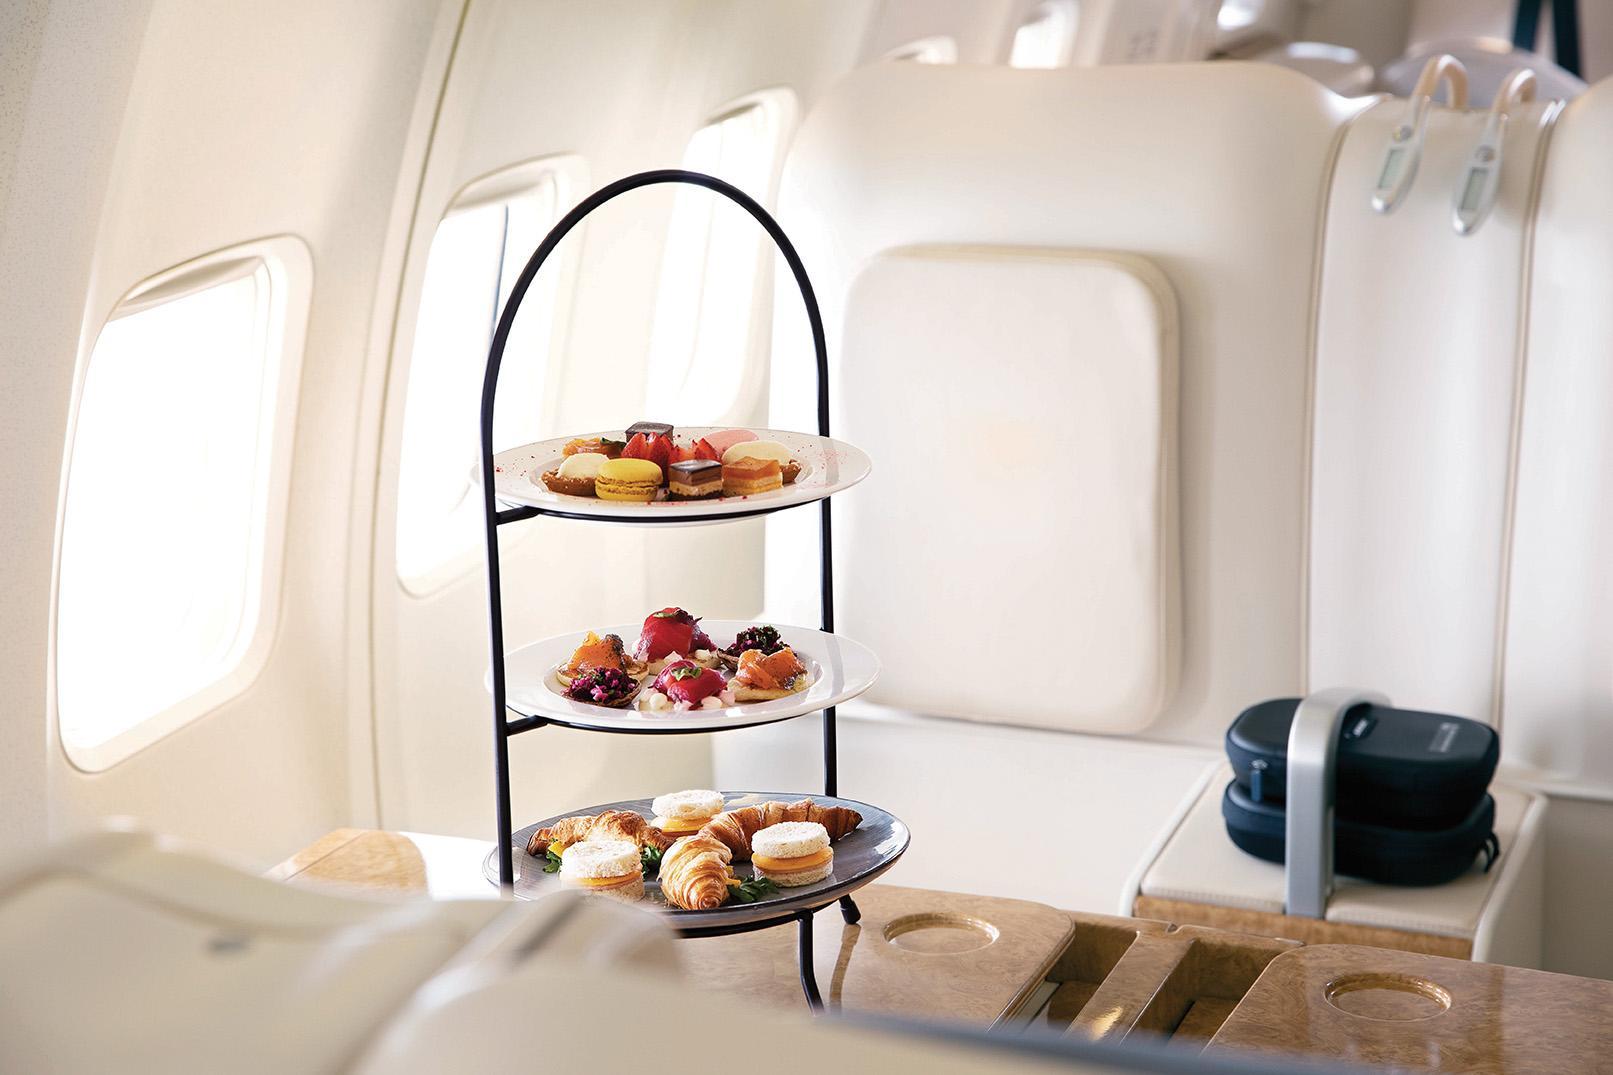 Gourmet-Verpflegung an Bord des Private Jets Albert Ballin von Hapag Lloyd